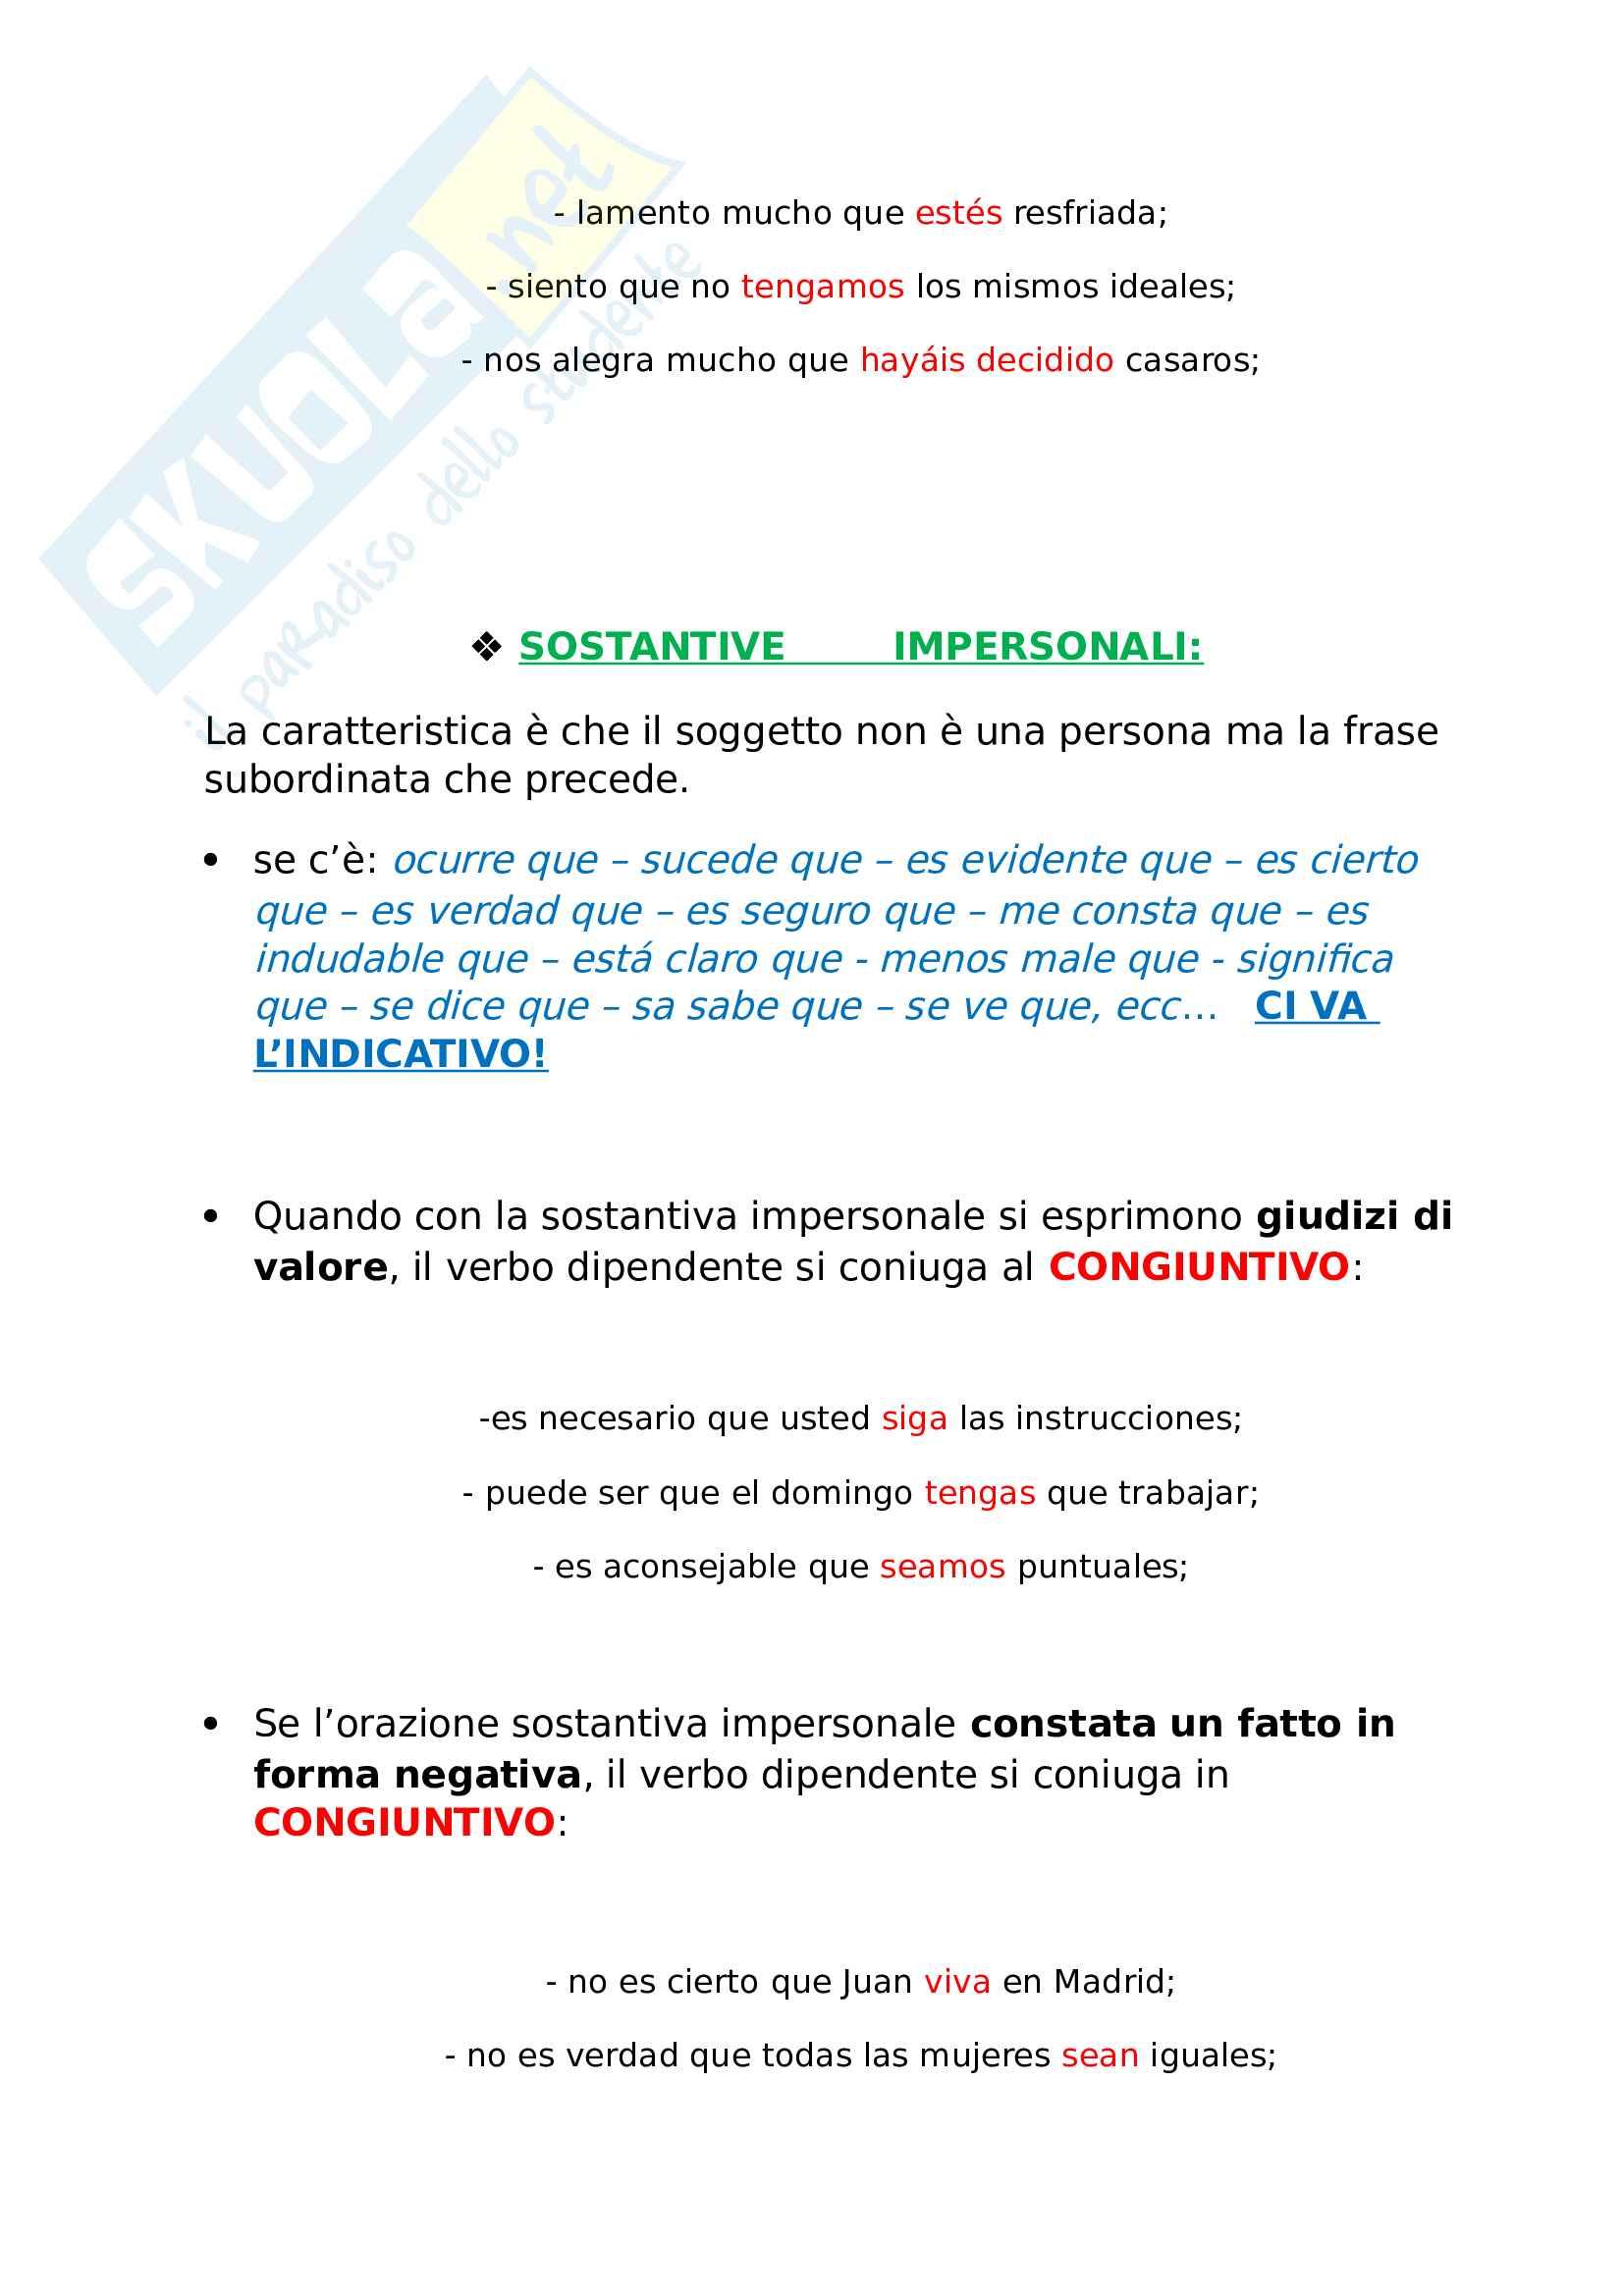 Uso del subjuntivo - Spagnolo Pag. 2